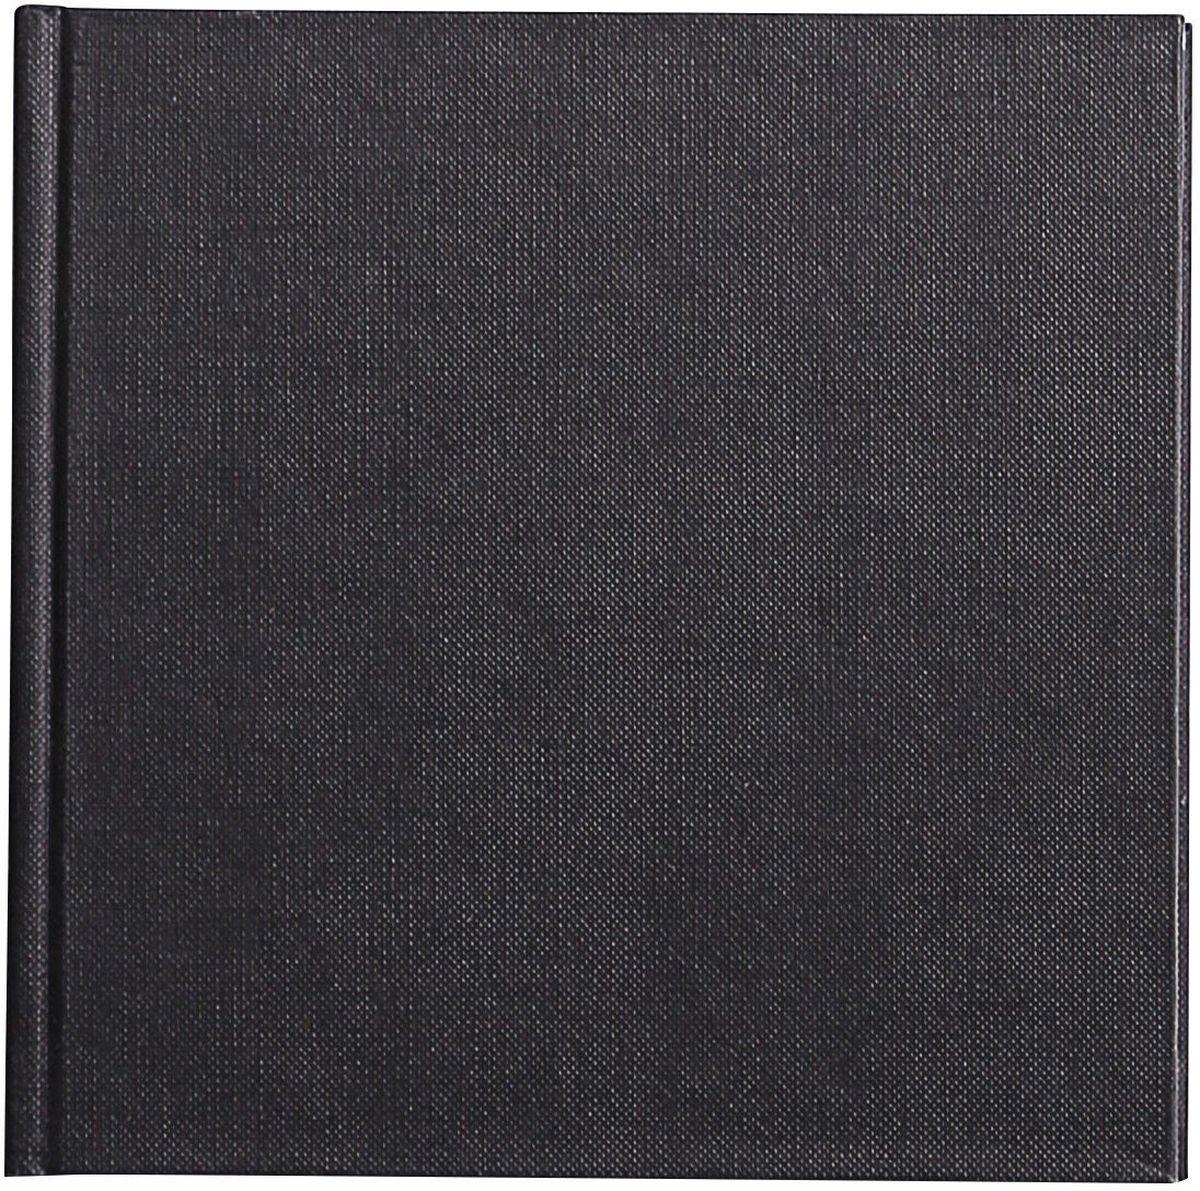 Блокнот Clairefontaine Goldline, 15 х 15 см, 64 листа34249СОригинальный блокнот Clairefontaine идеально подойдет для памятных записей, любимых стихов, рисунков и многого другого. Плотная обложкапредохраняет листы от порчи изамятия. Такой блокнот станет забавным и практичным подарком - он не затеряется среди бумаг, и долгое время будет вызывать улыбку окружающих.